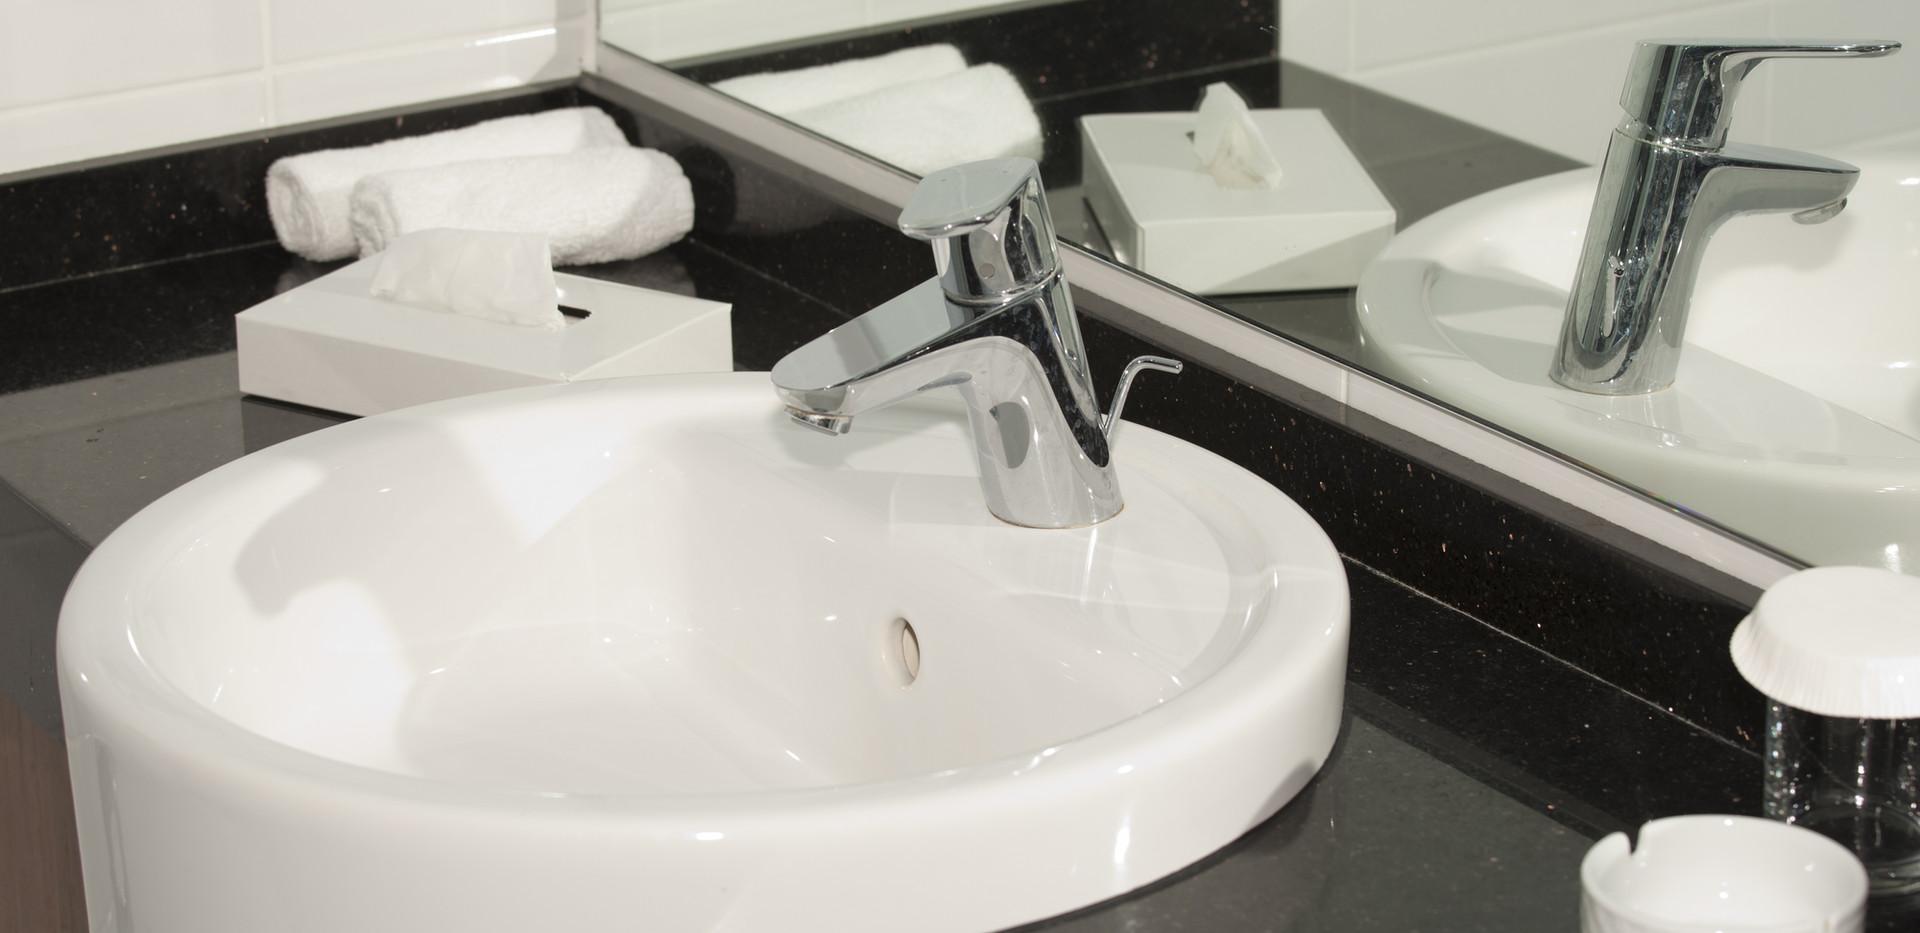 Sink Model 02